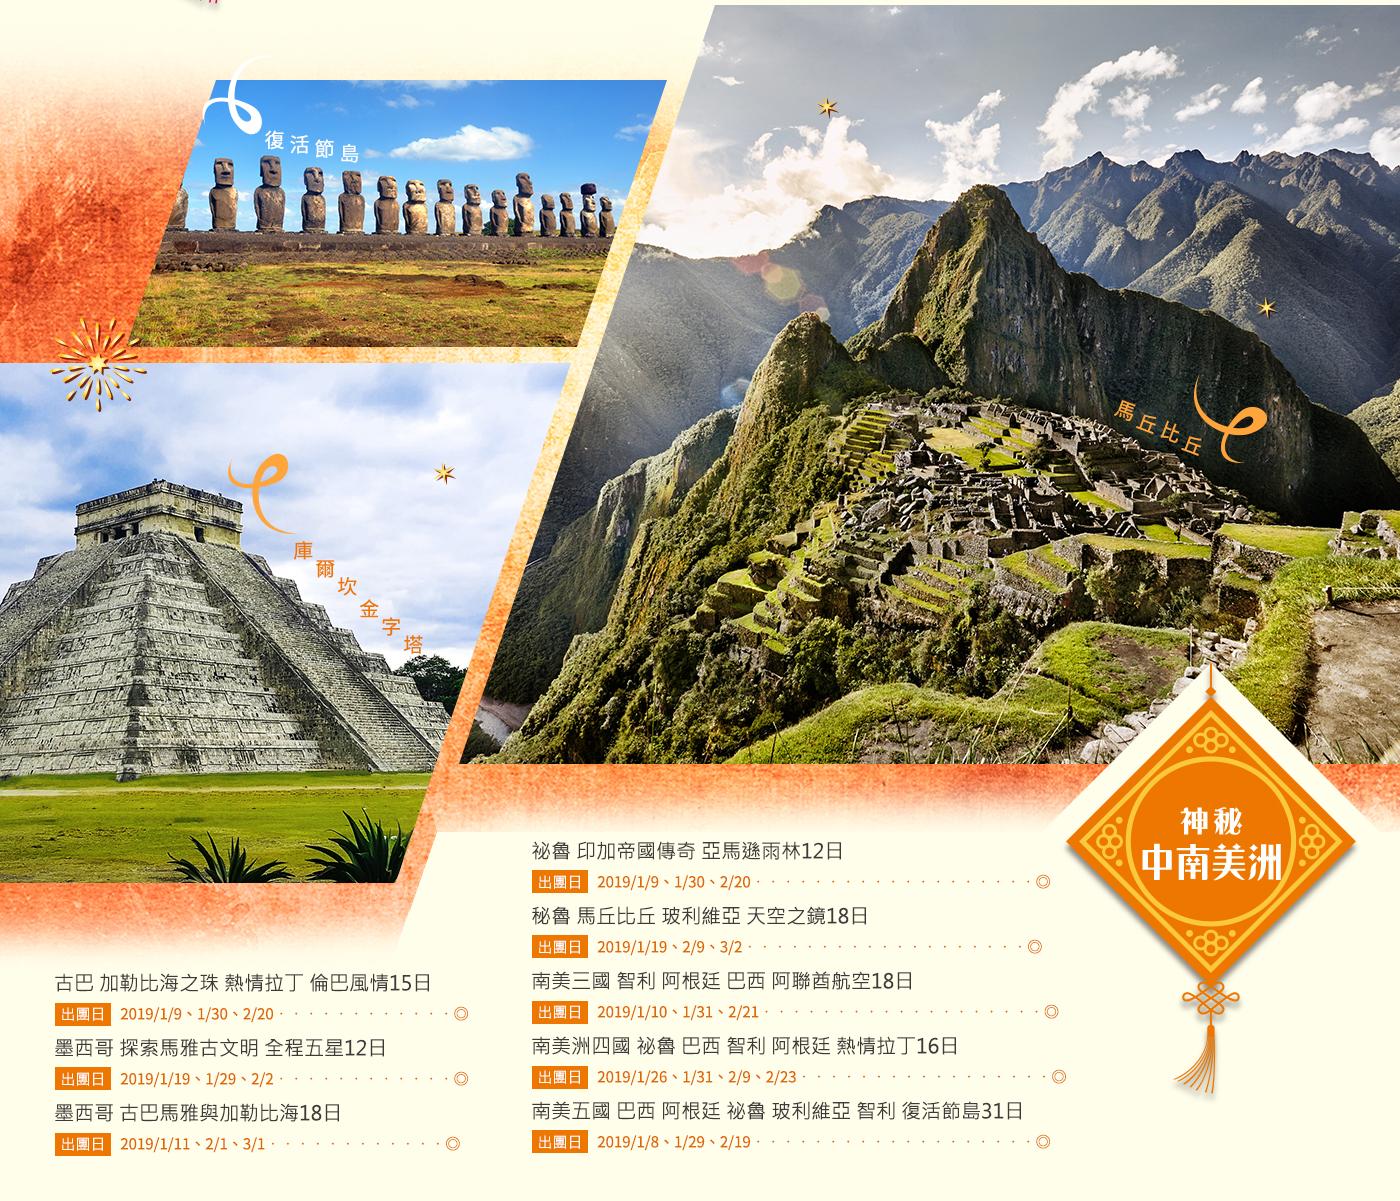 中南美旅遊